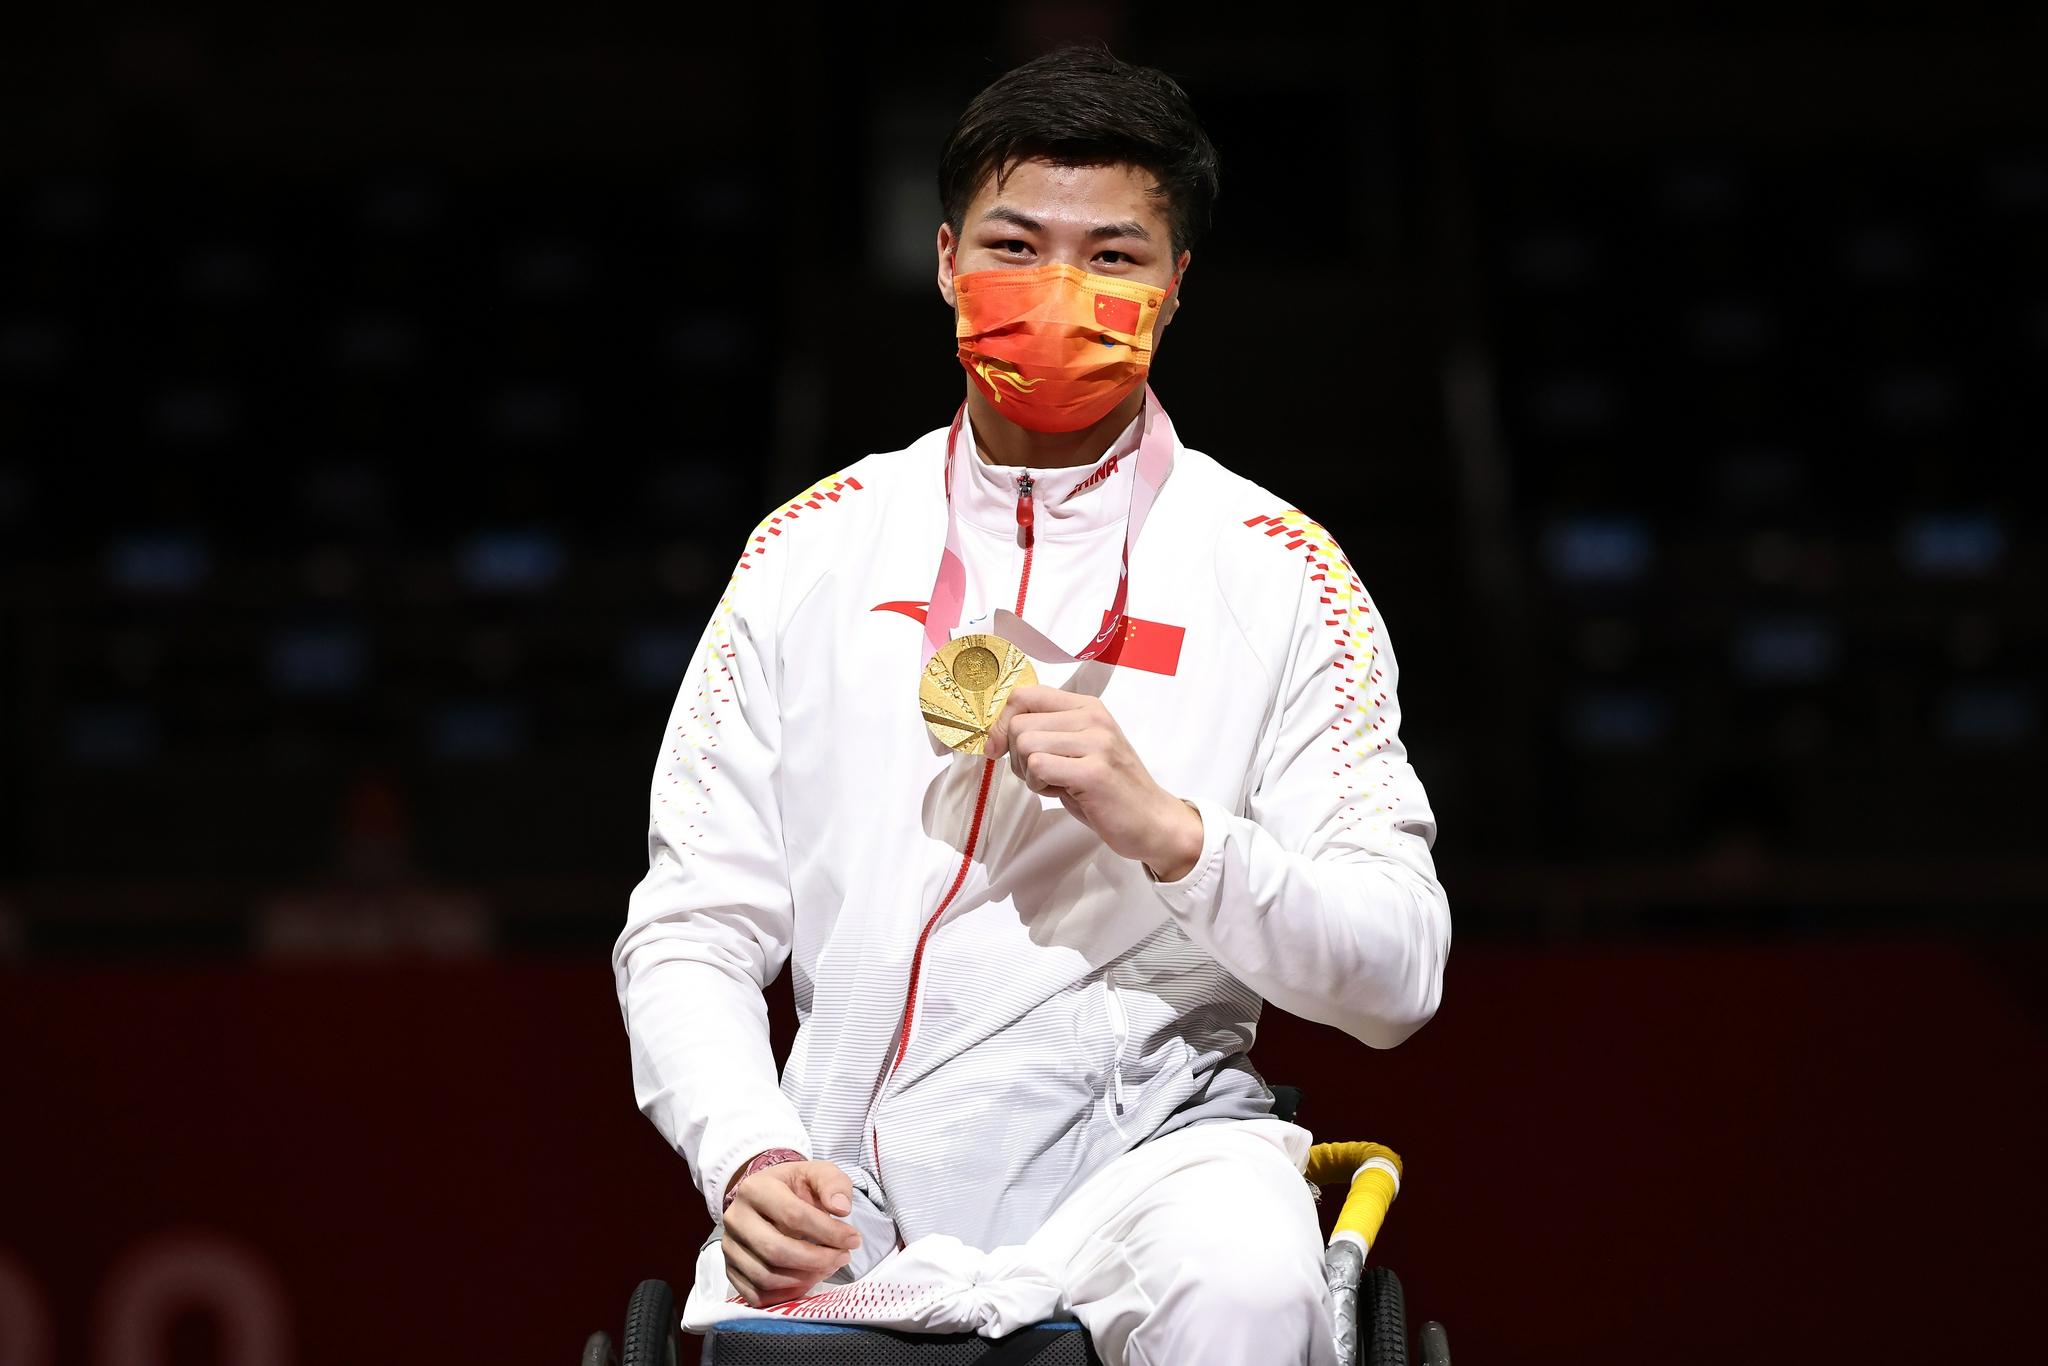 稳居金牌榜奖牌榜第一 刷新多项纪录 这就是中国残奥选手